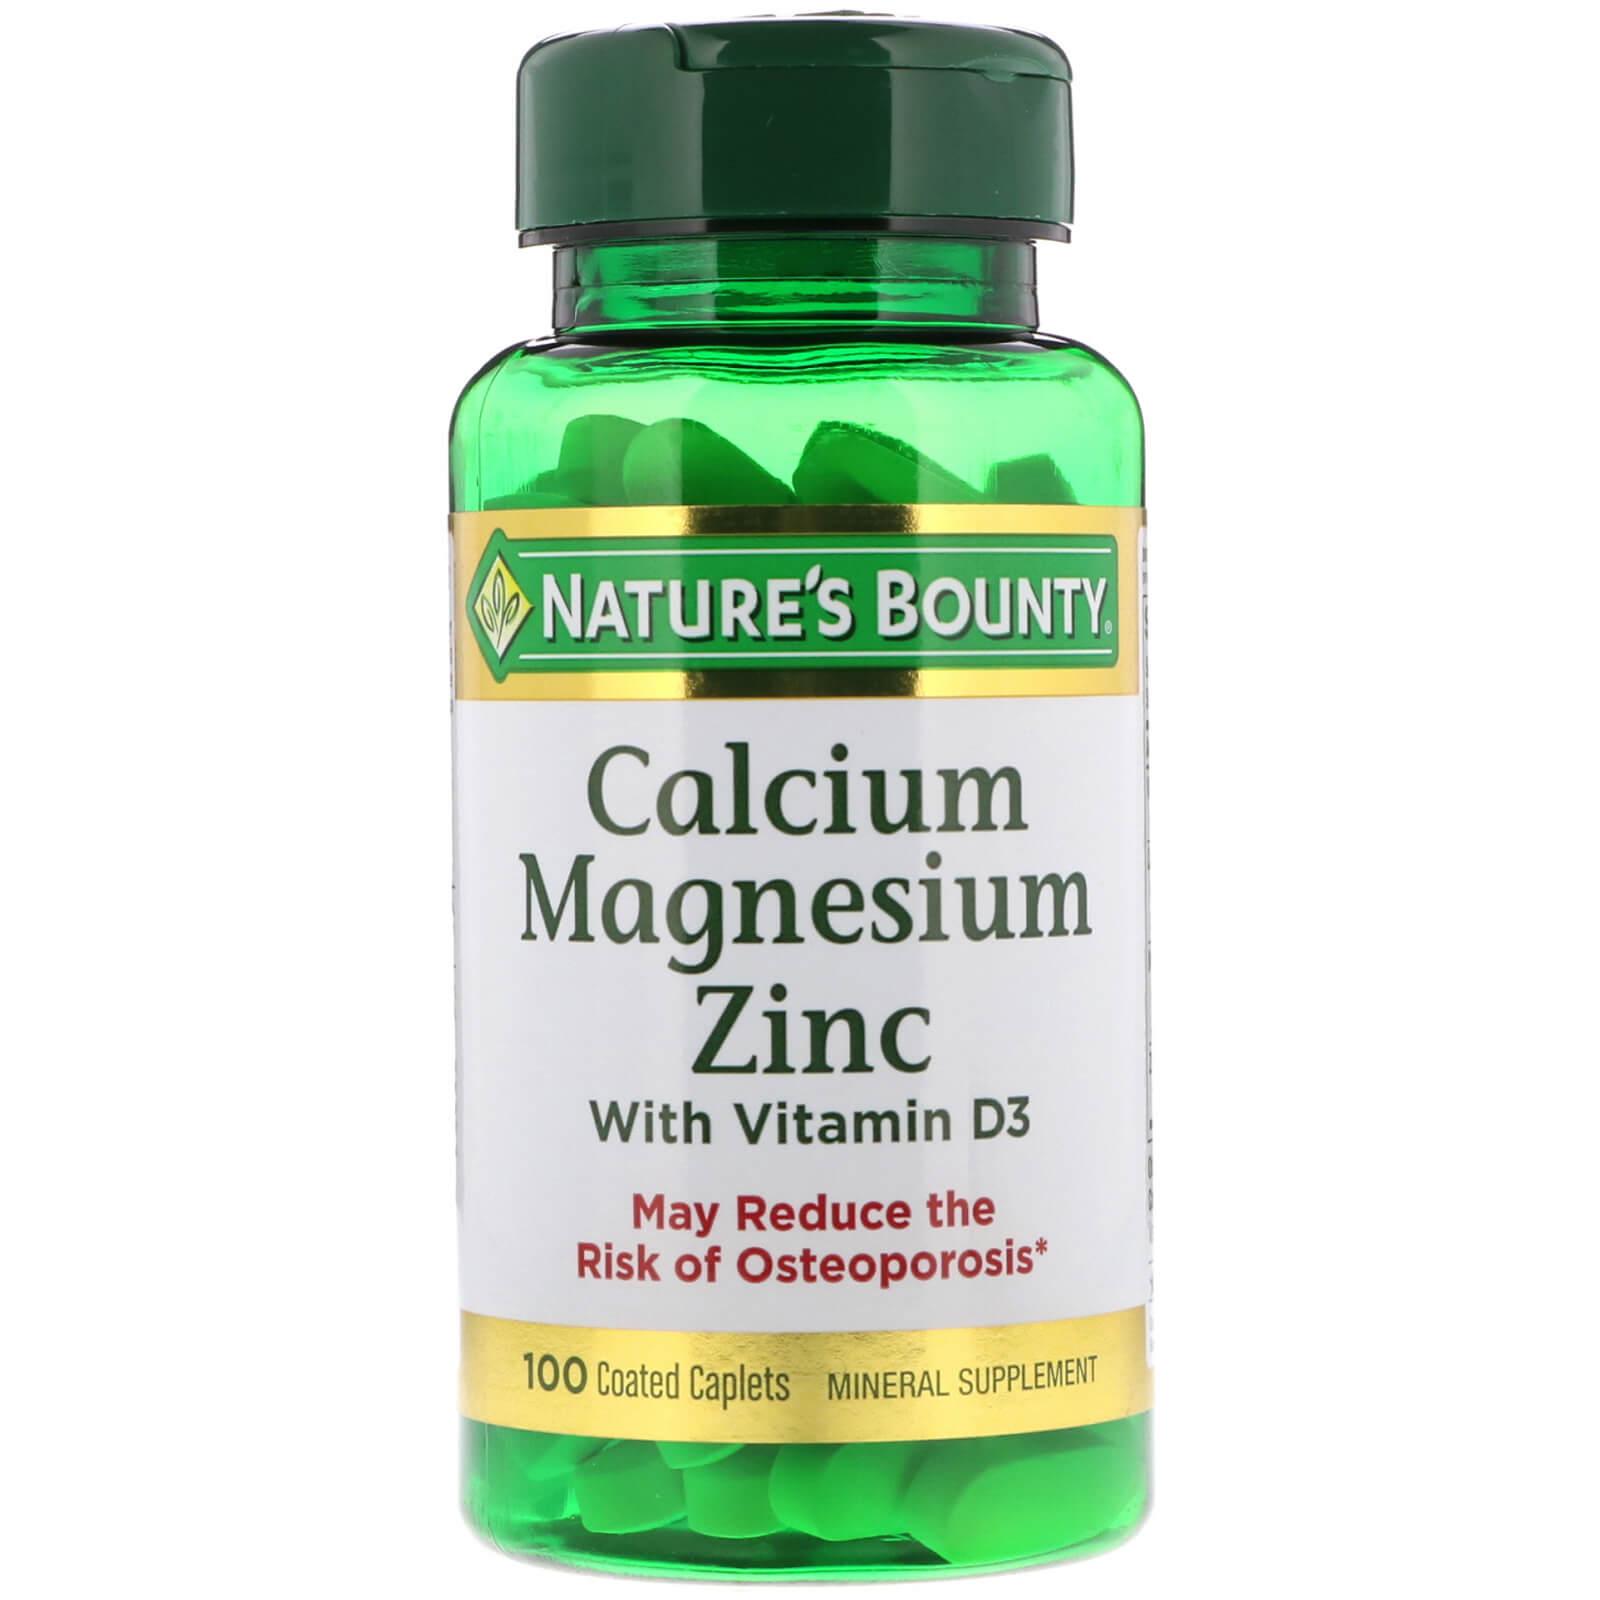 Nature S Bounty Calcium Magnesium Zinc With Vitamin D3 100 Coated